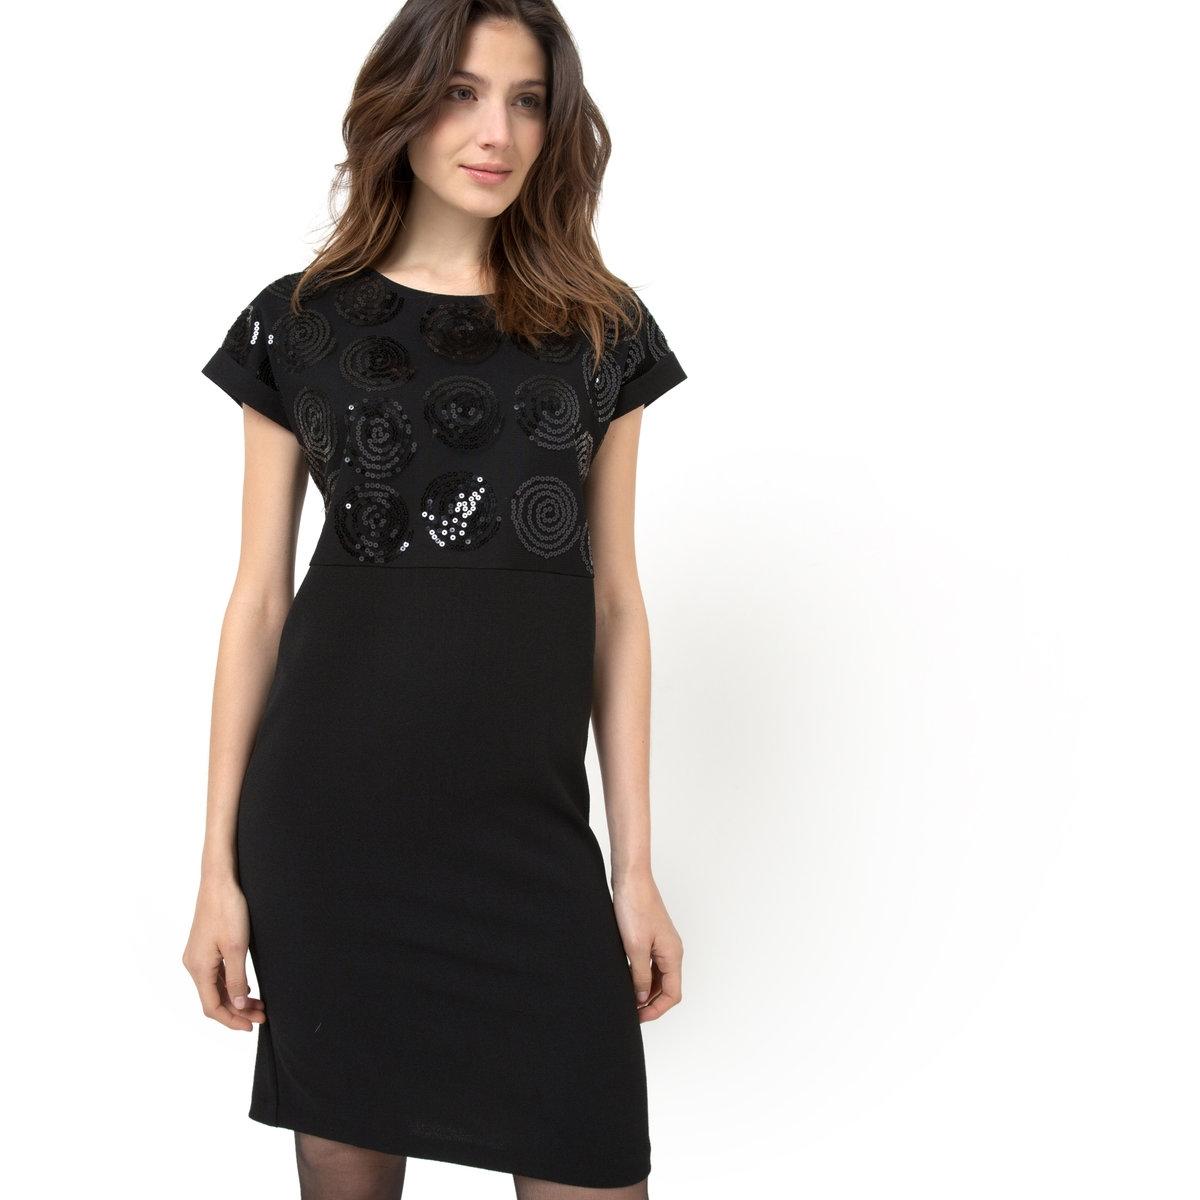 Платье с короткими рукавами, верх с пайетками